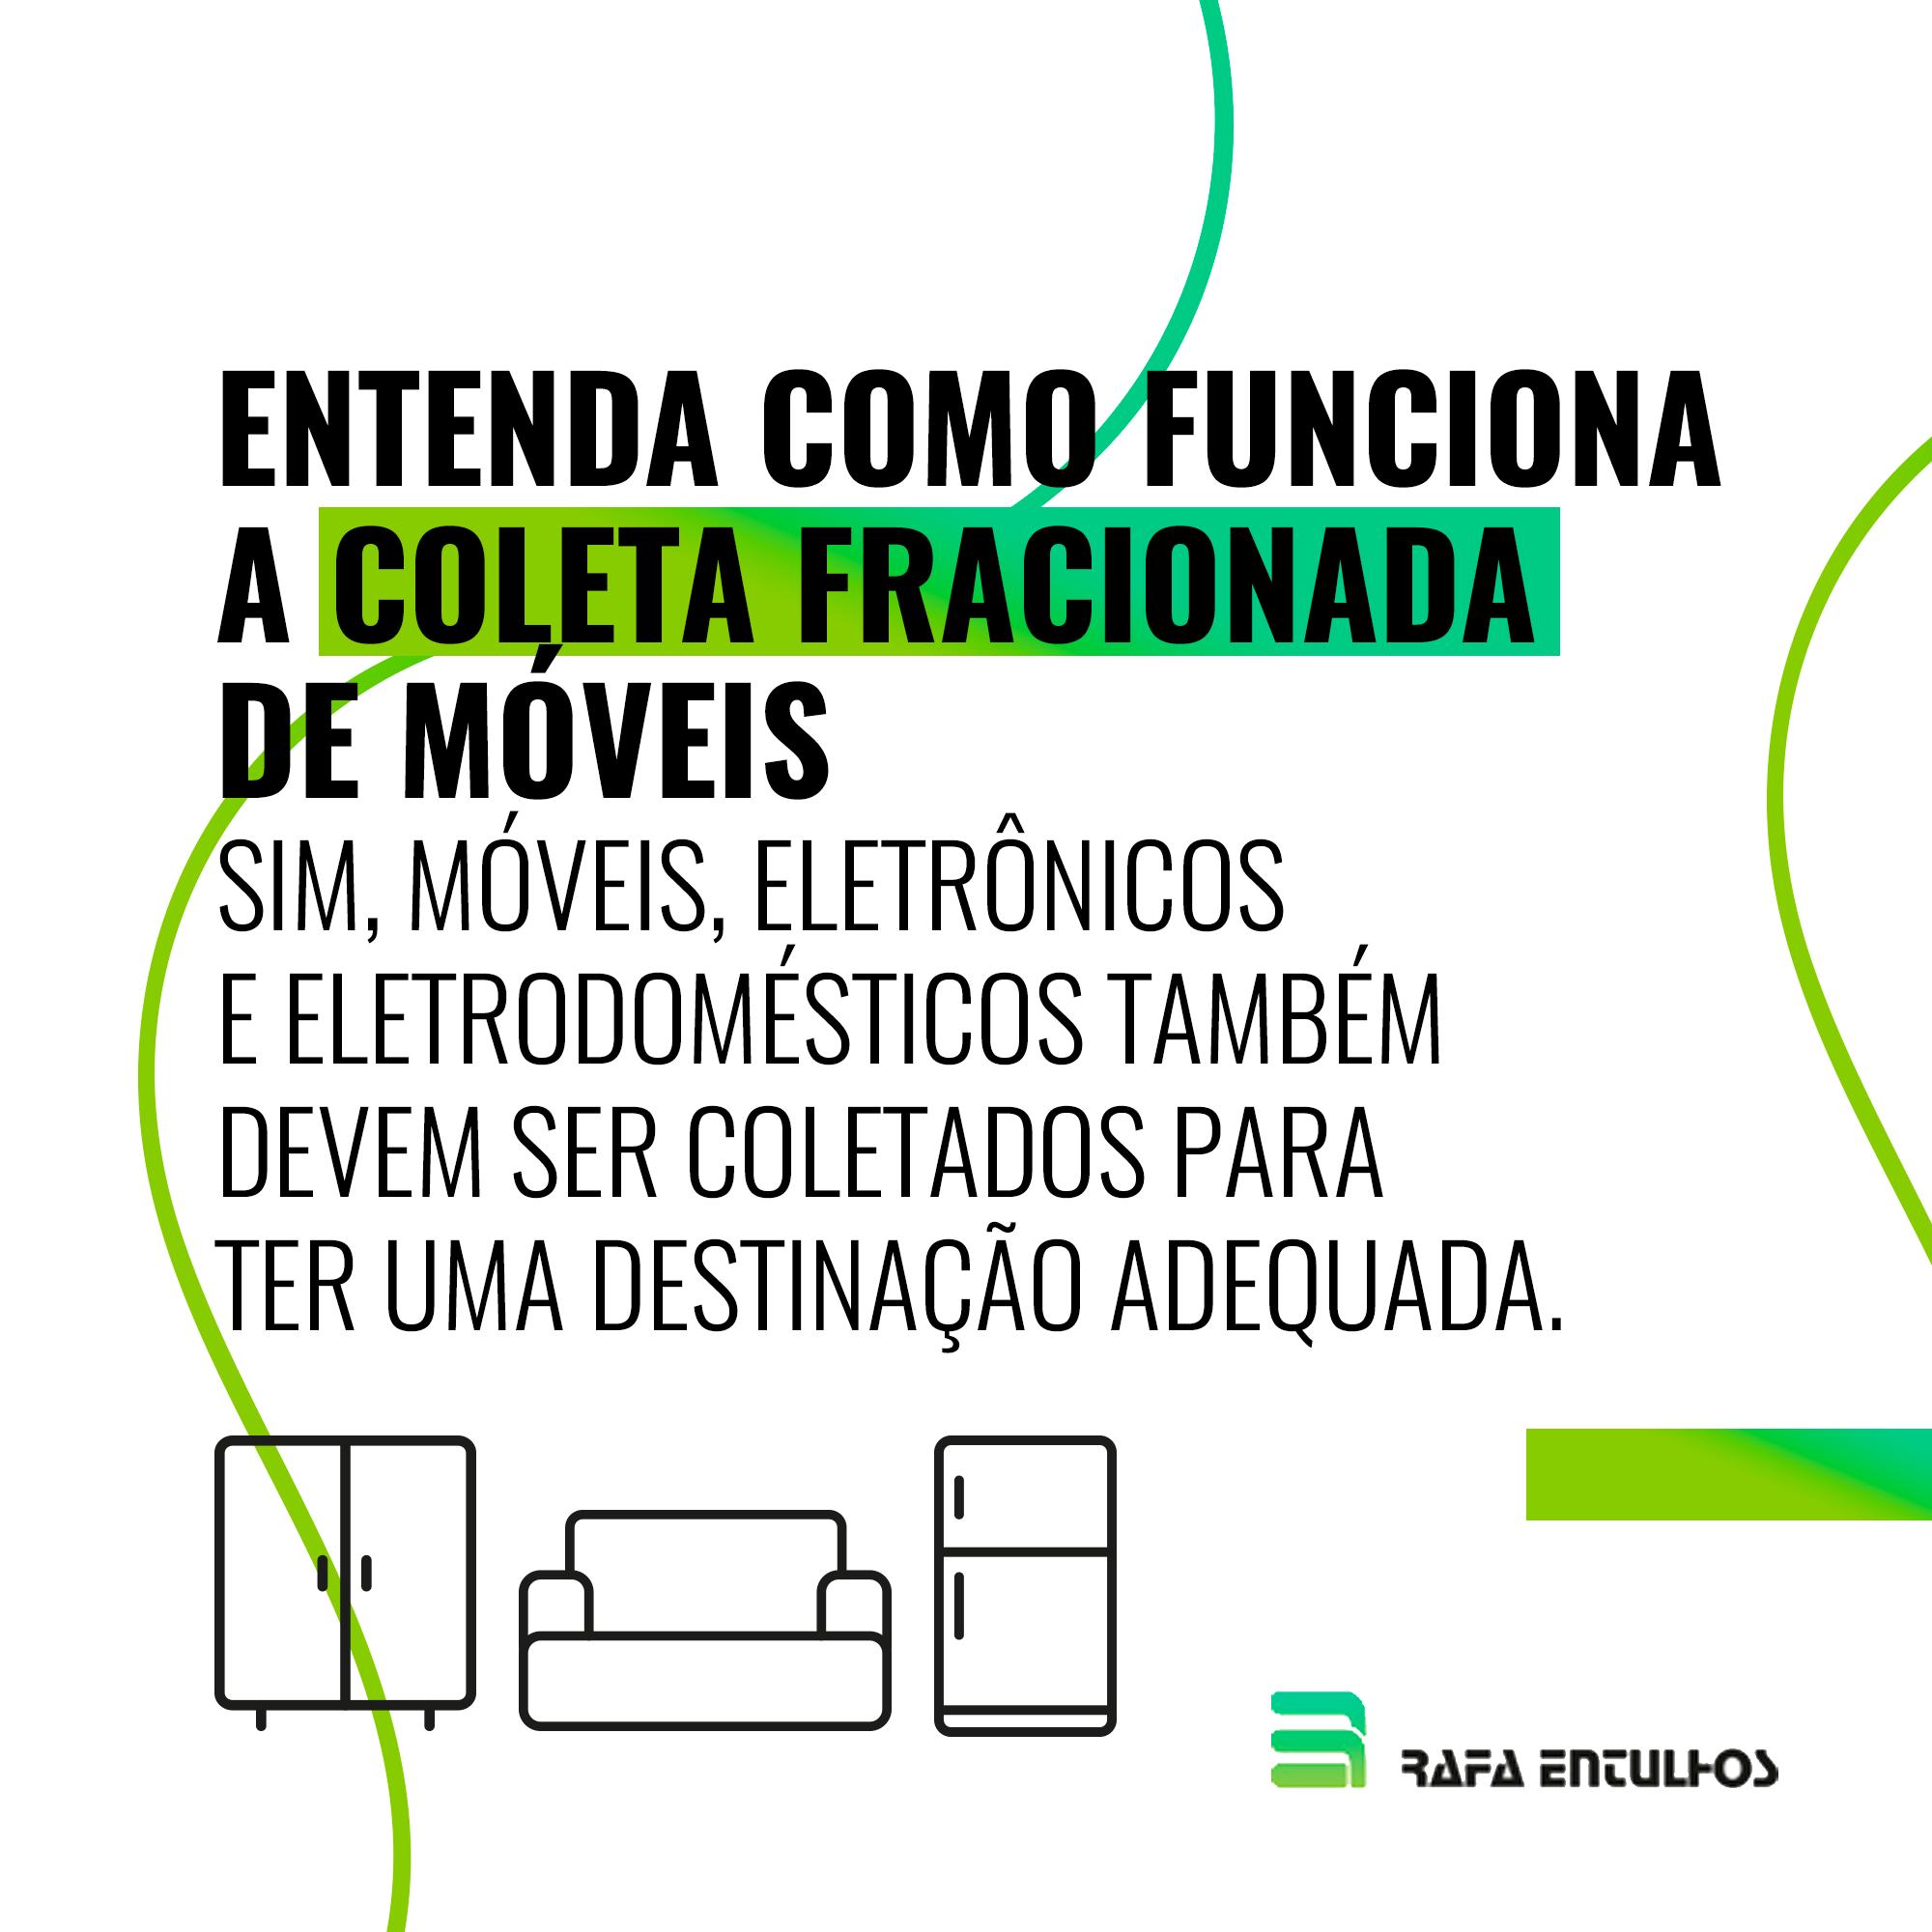 Entenda como funciona a coleta fracionada de móveis